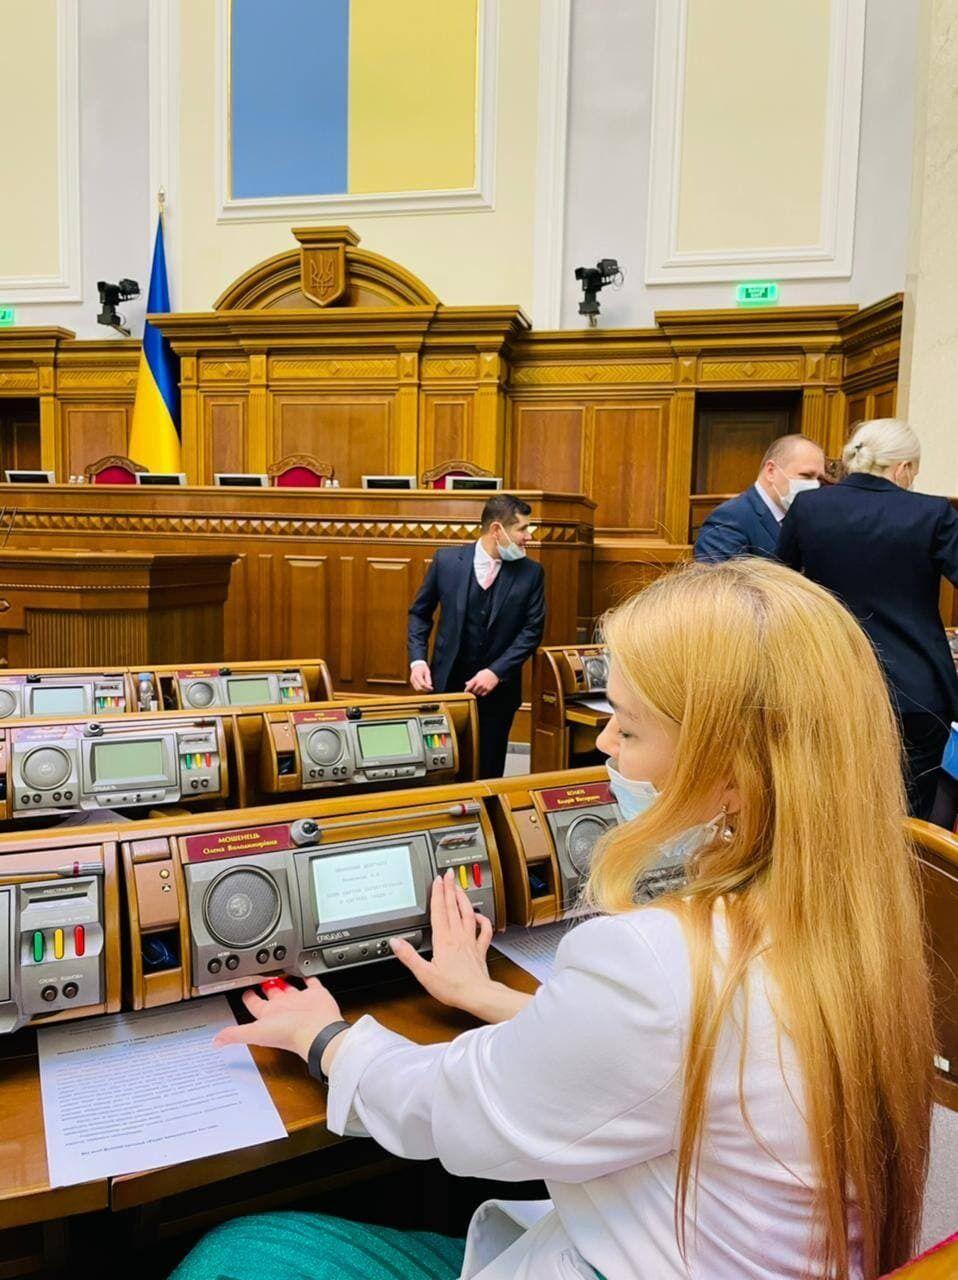 Нардеп показала, як голосують сенсорною кнопкою.